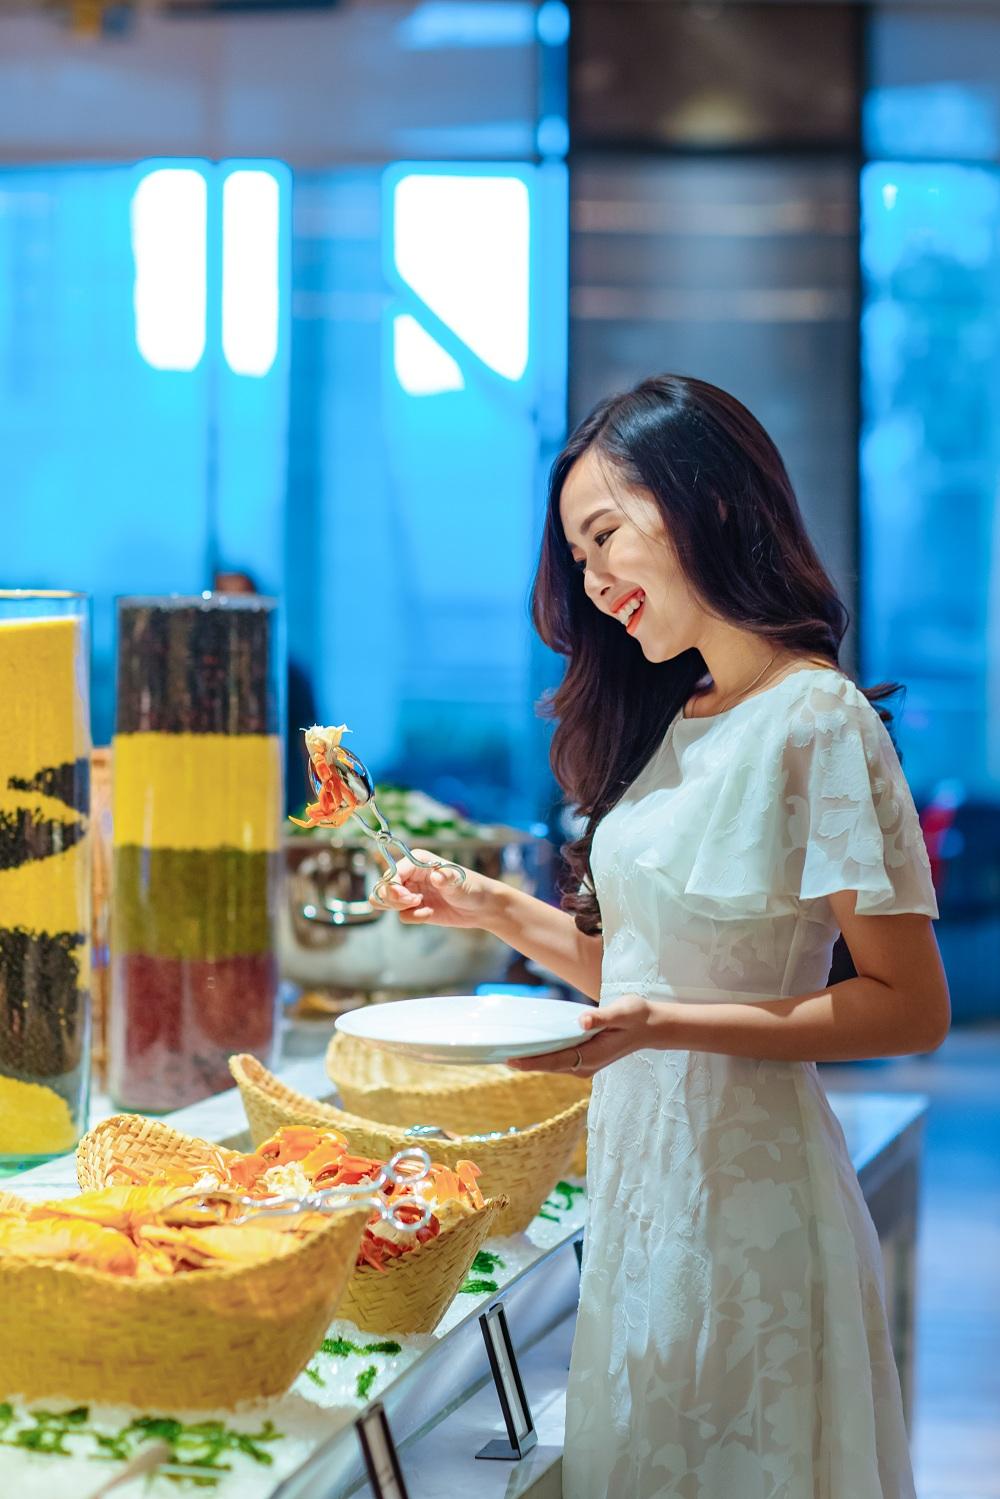 Tiec Hai San Thuong Han Hap Dan Nhat Danang Tai Hilton Nha Hang Brasserie Nam 02